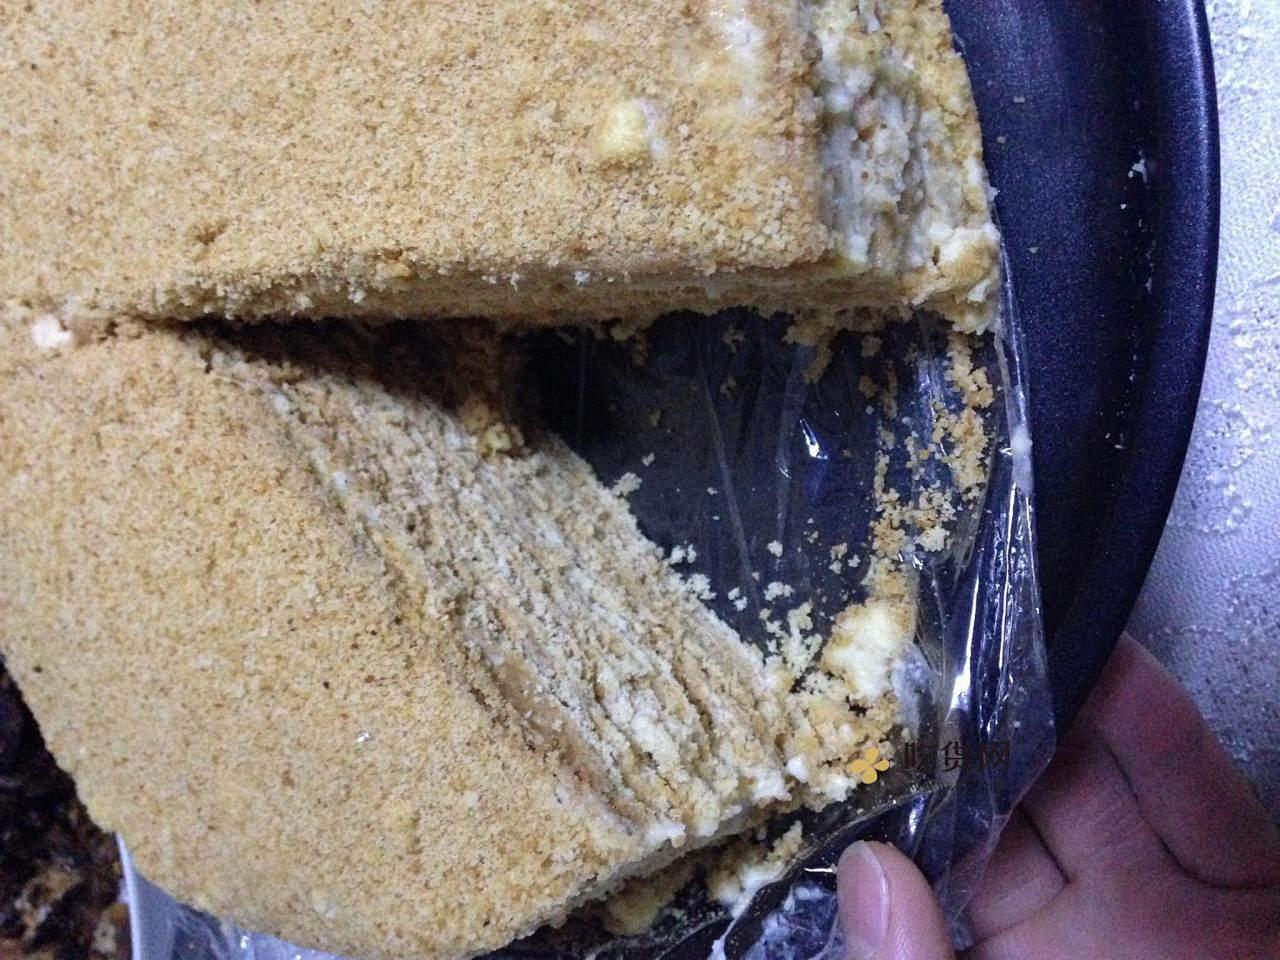 俄罗斯蜂蜜蛋糕   千层蛋糕【又名提拉米苏】的做法 步骤26